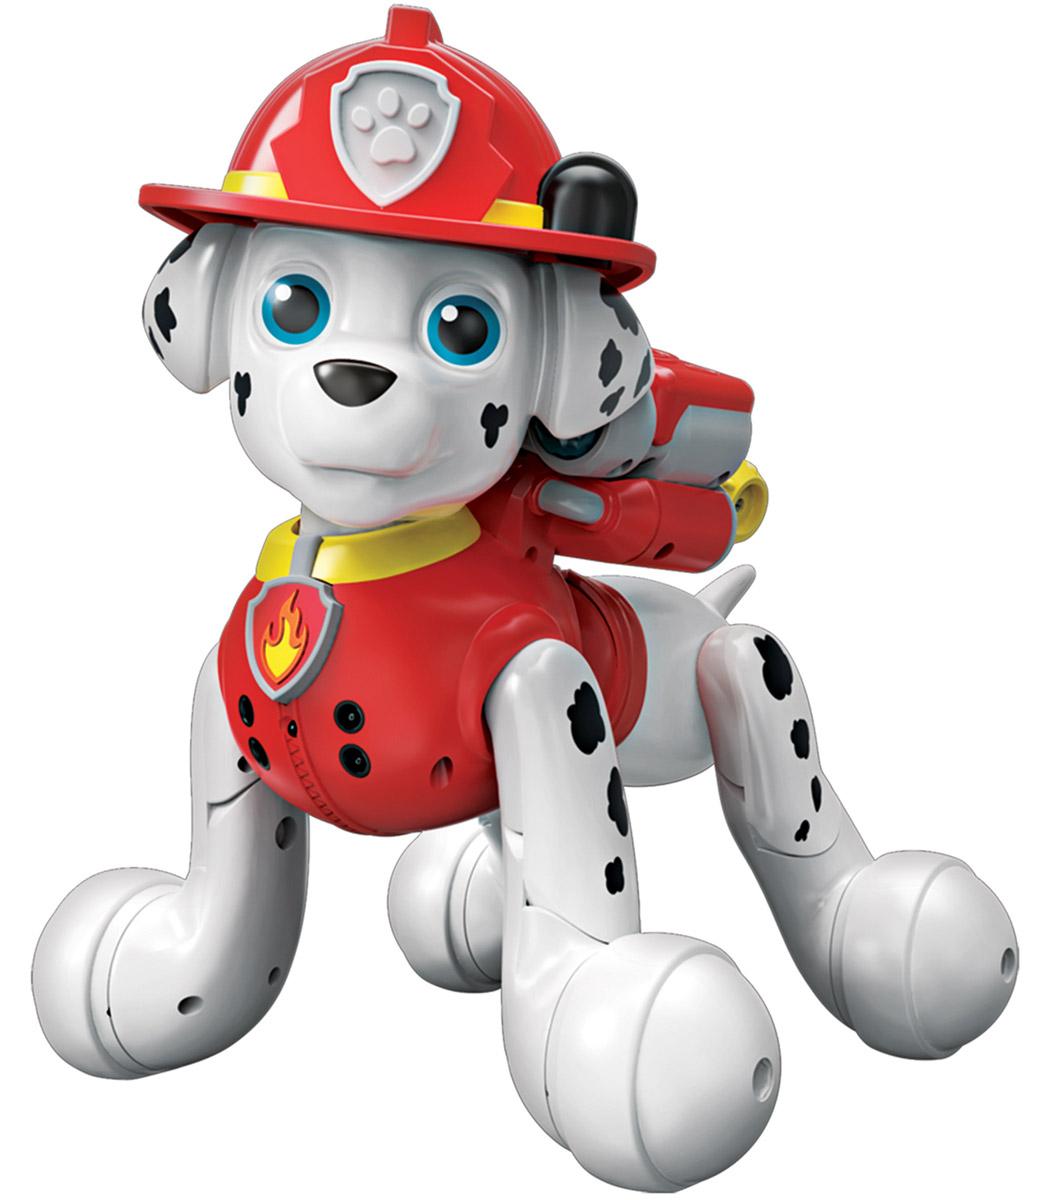 Paw Patrol Интерактивная игрушка Маршал купить щенка мопса в одессе